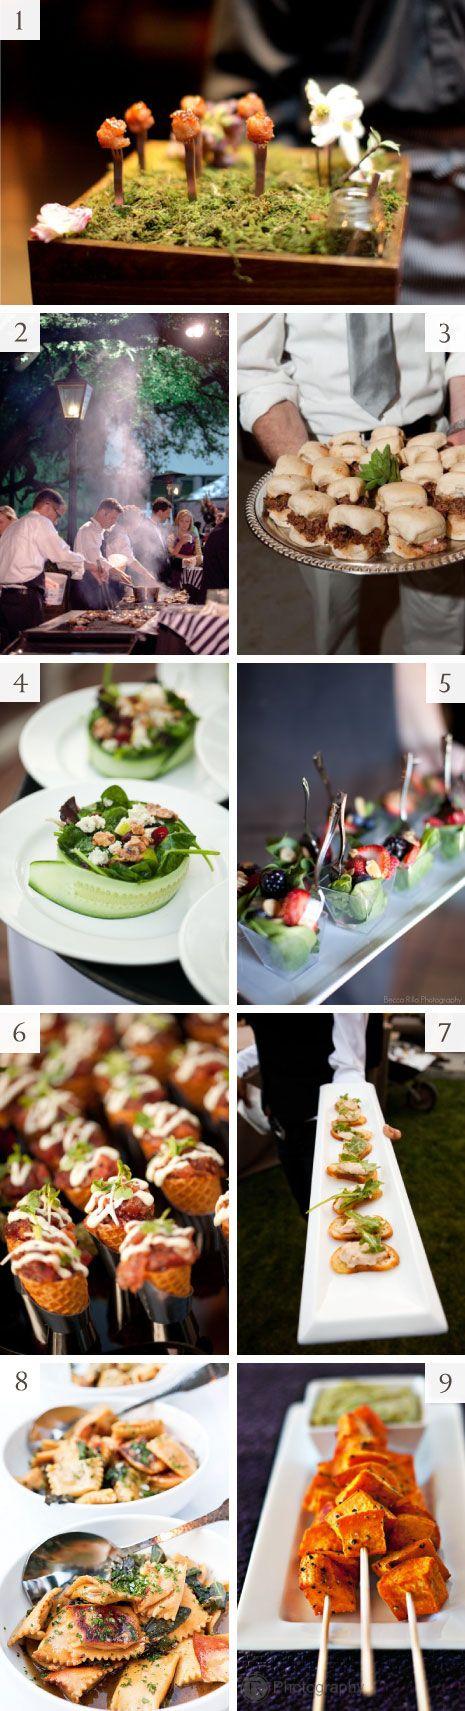 Si quieres que hasta el menú varíe aquí tienes unas cuantas ideas de cómo puedes utilizar bocadillos en lugar de una gran cena formal